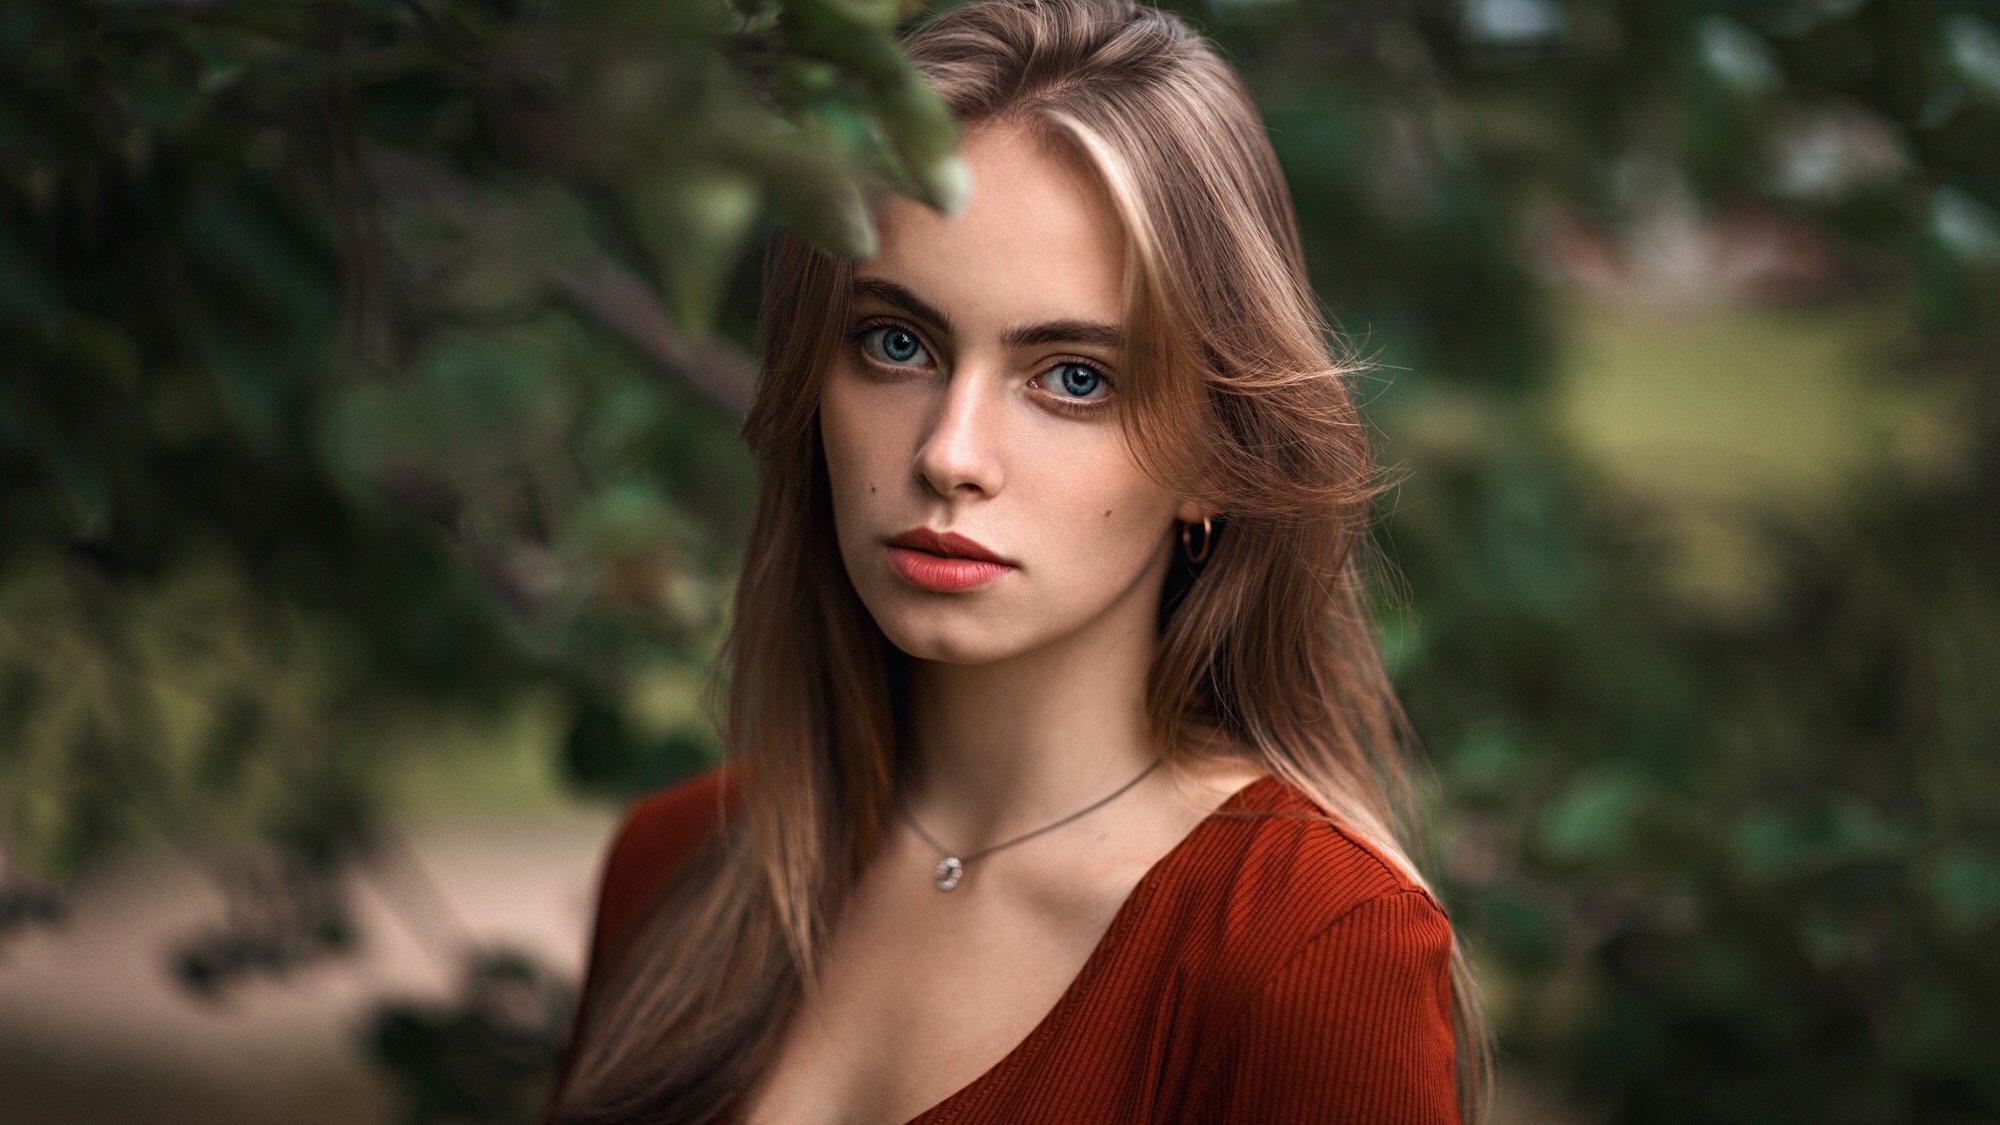 девушка, портрет, зелёный, Куренной Александр